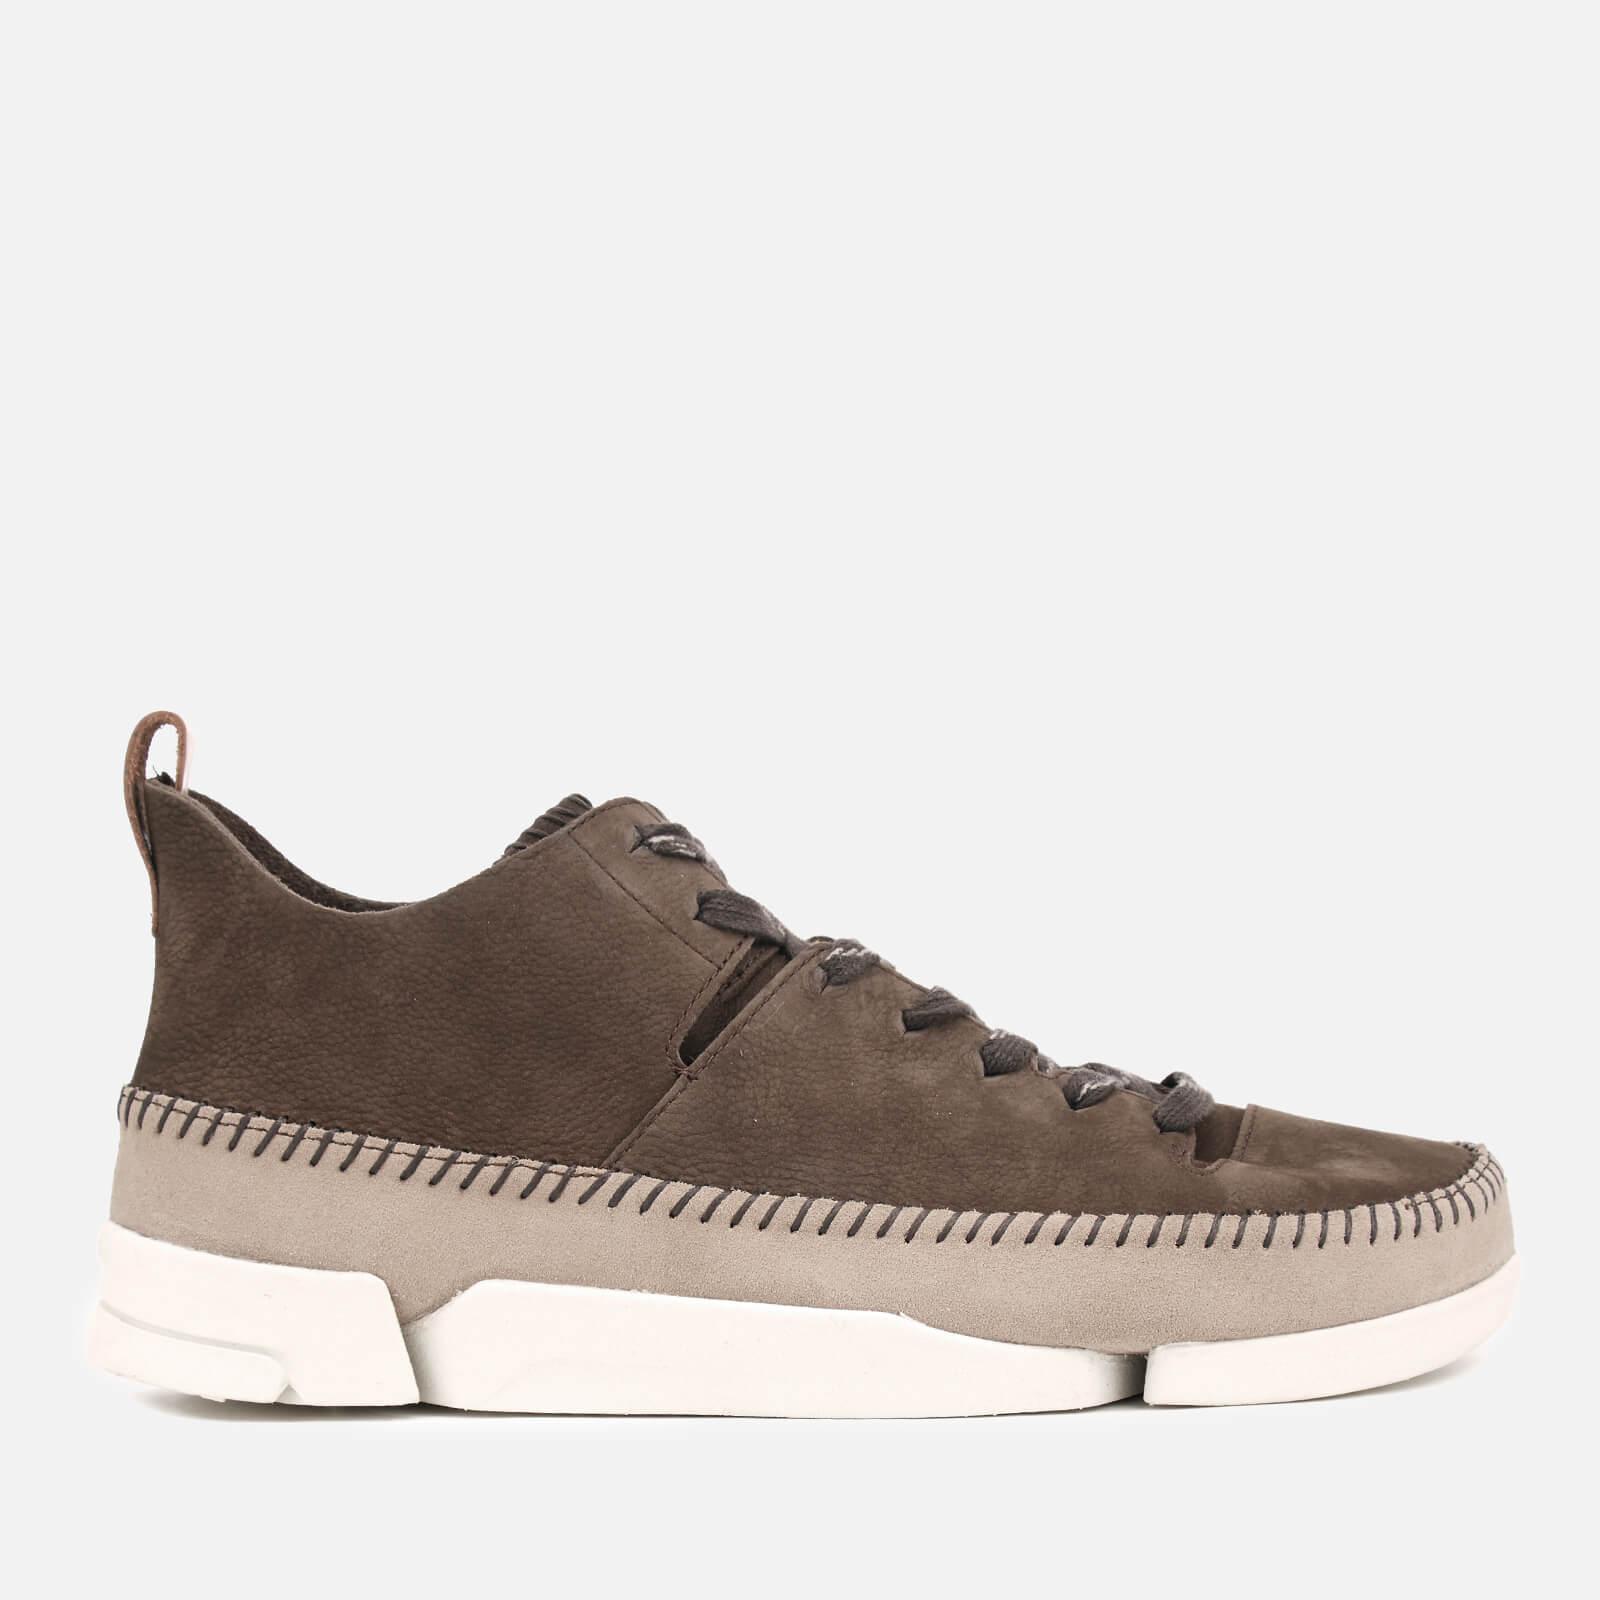 2825c0c8 Clarks Originals Men's Trigenic Flex Shoes - Peat Nubuck Mens Footwear |  TheHut.com